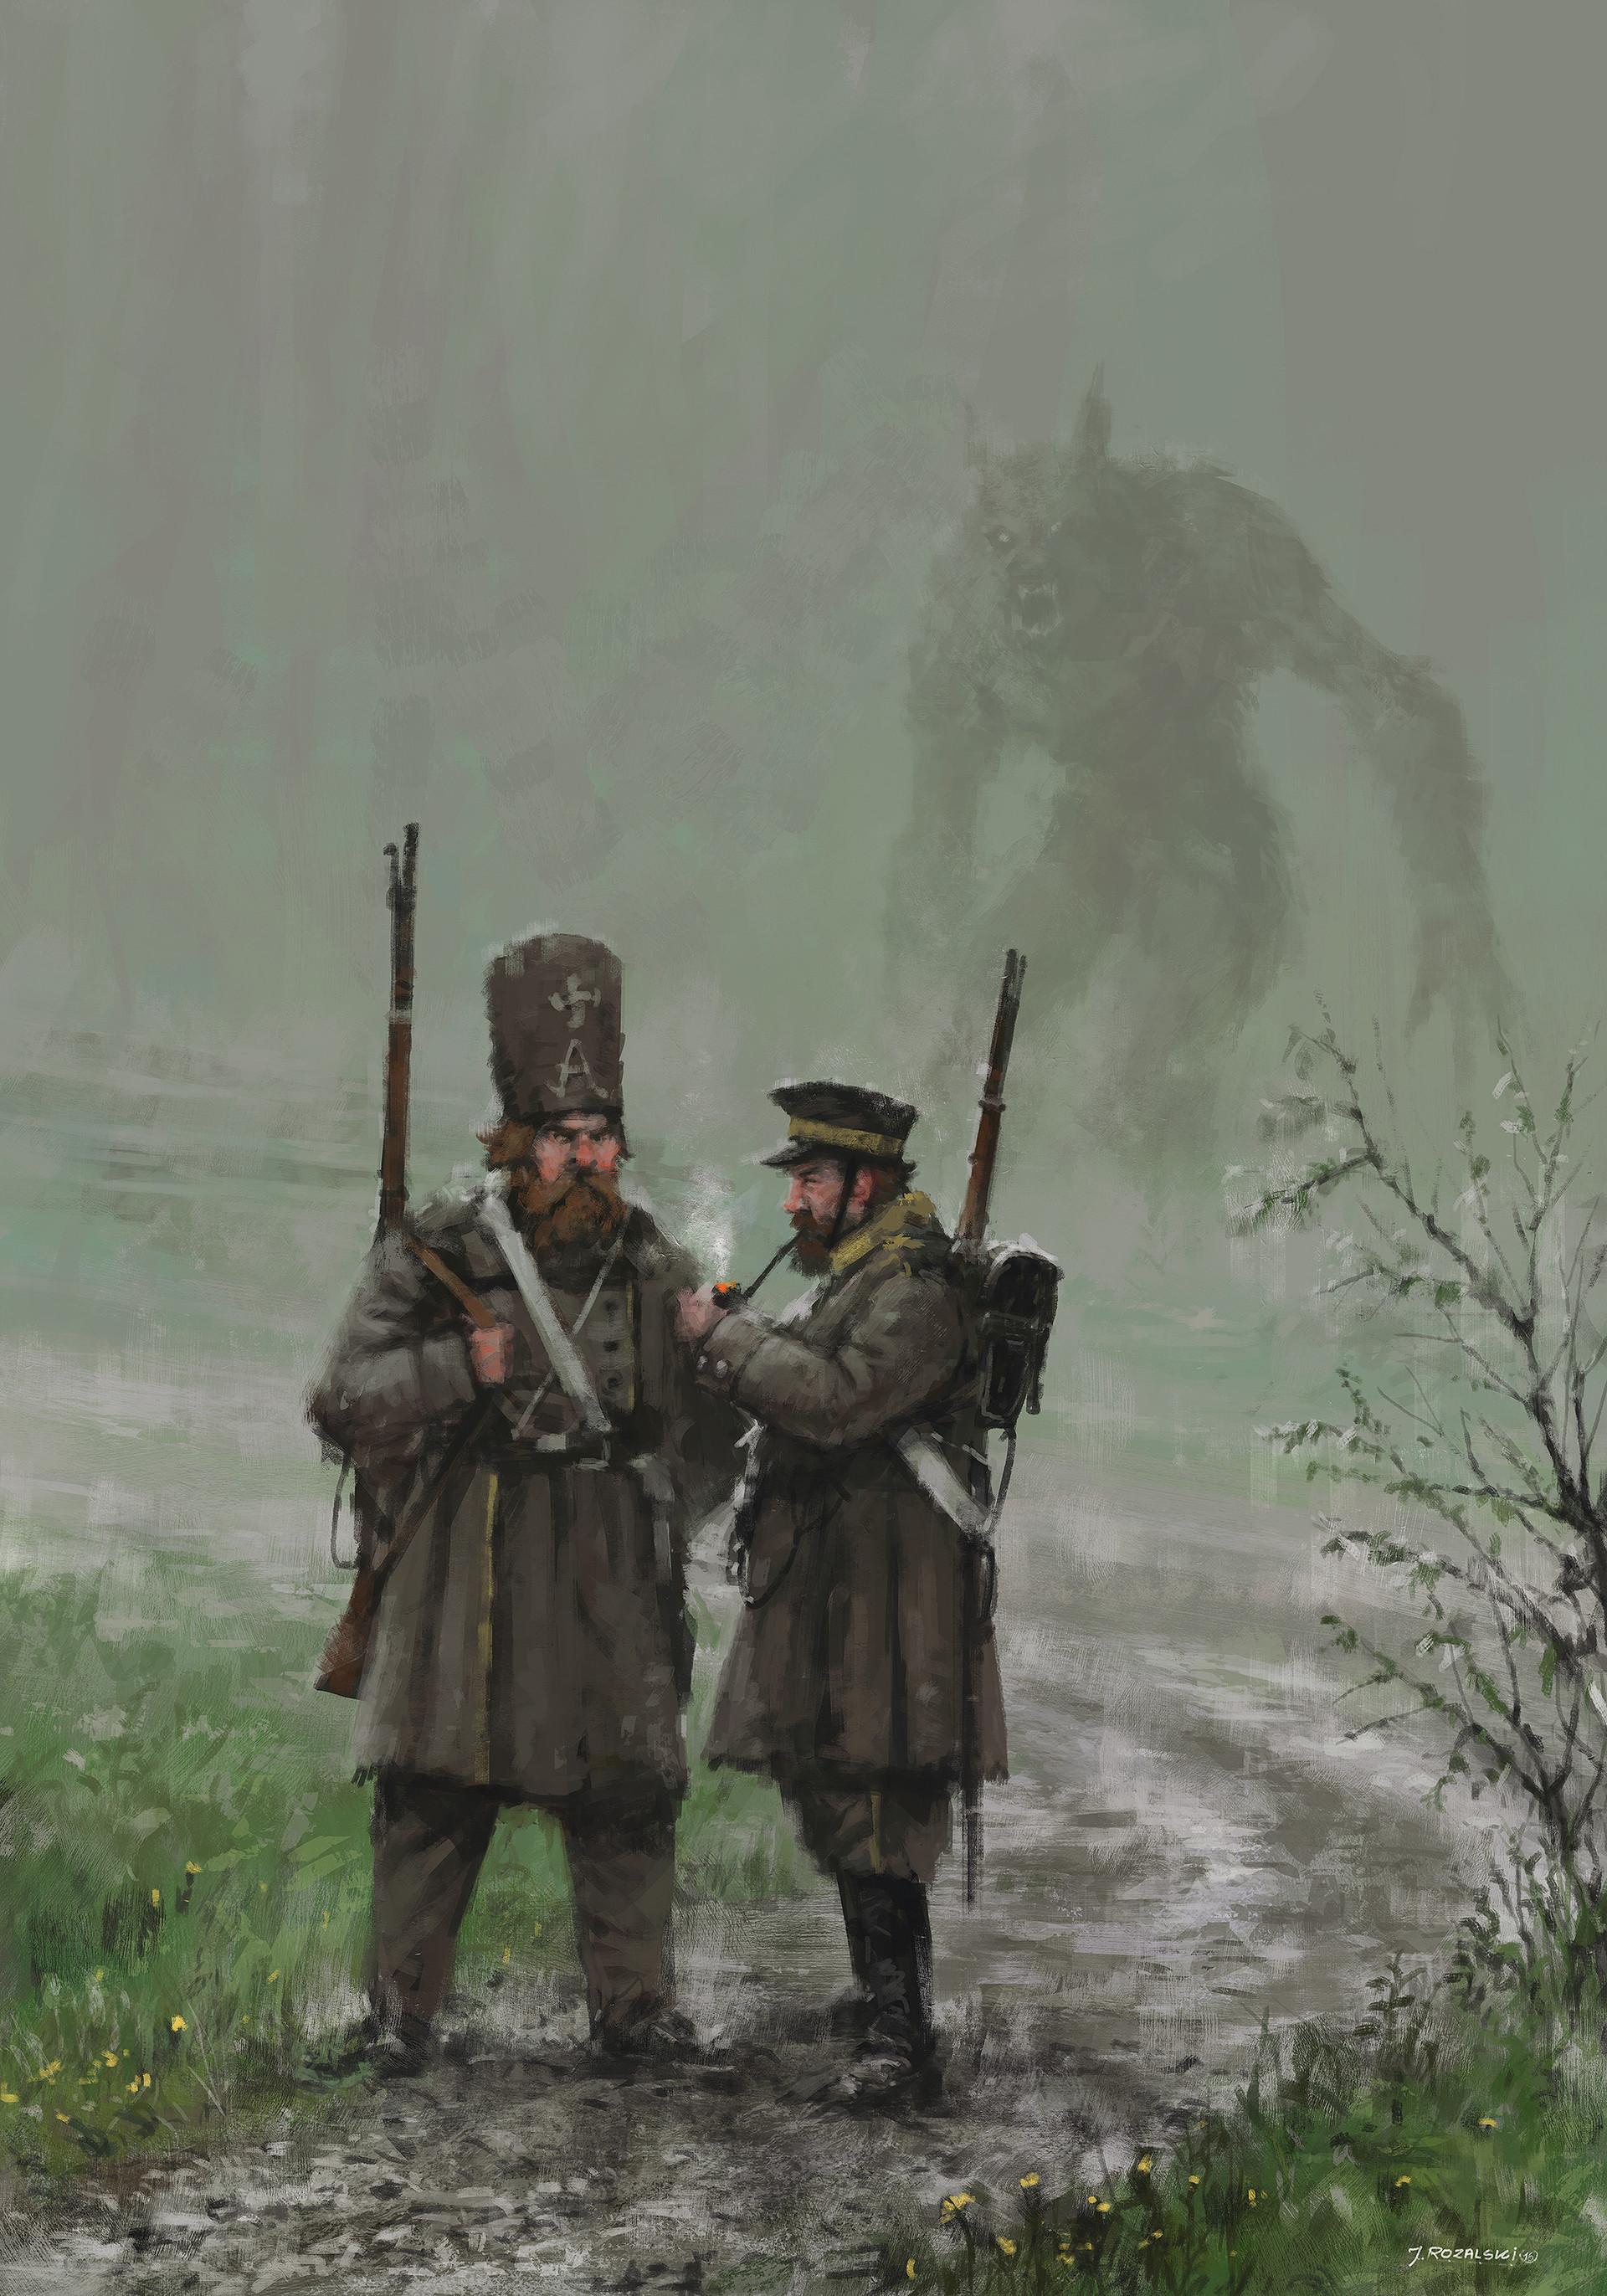 Jakub rozalski monday1863